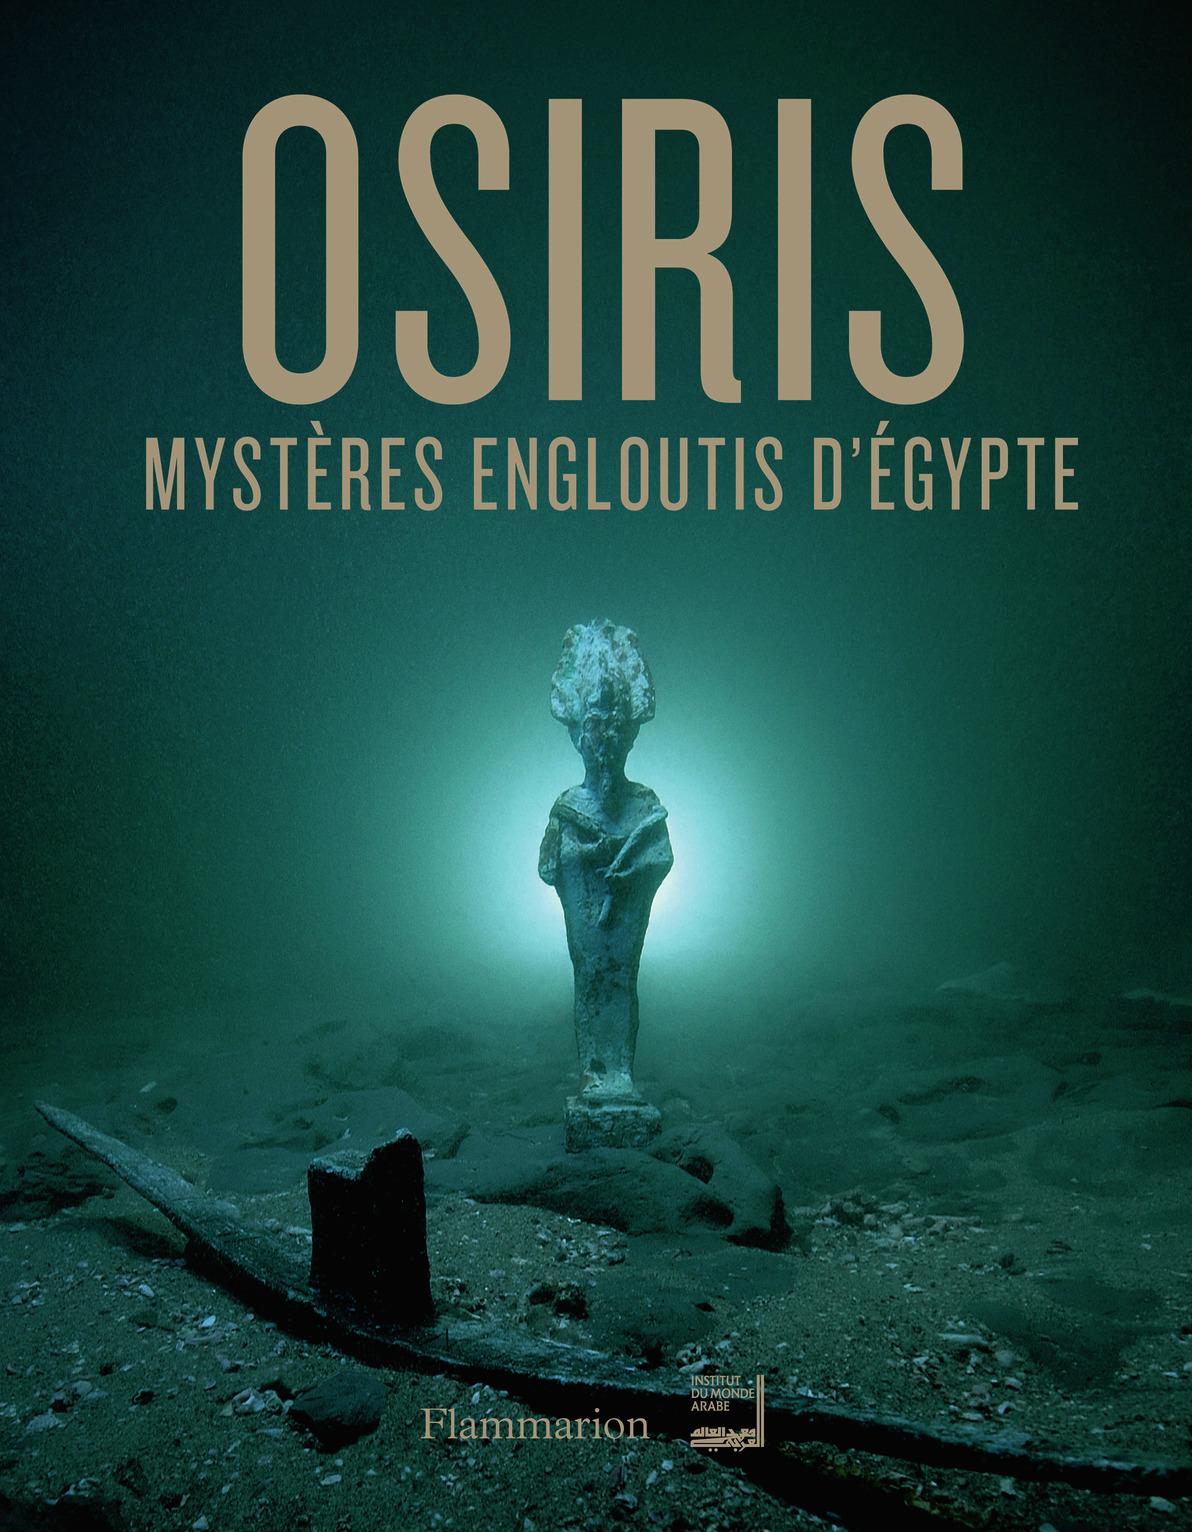 OSIRIS - MYSTERES ENGLOUTIS D'EGYPTE